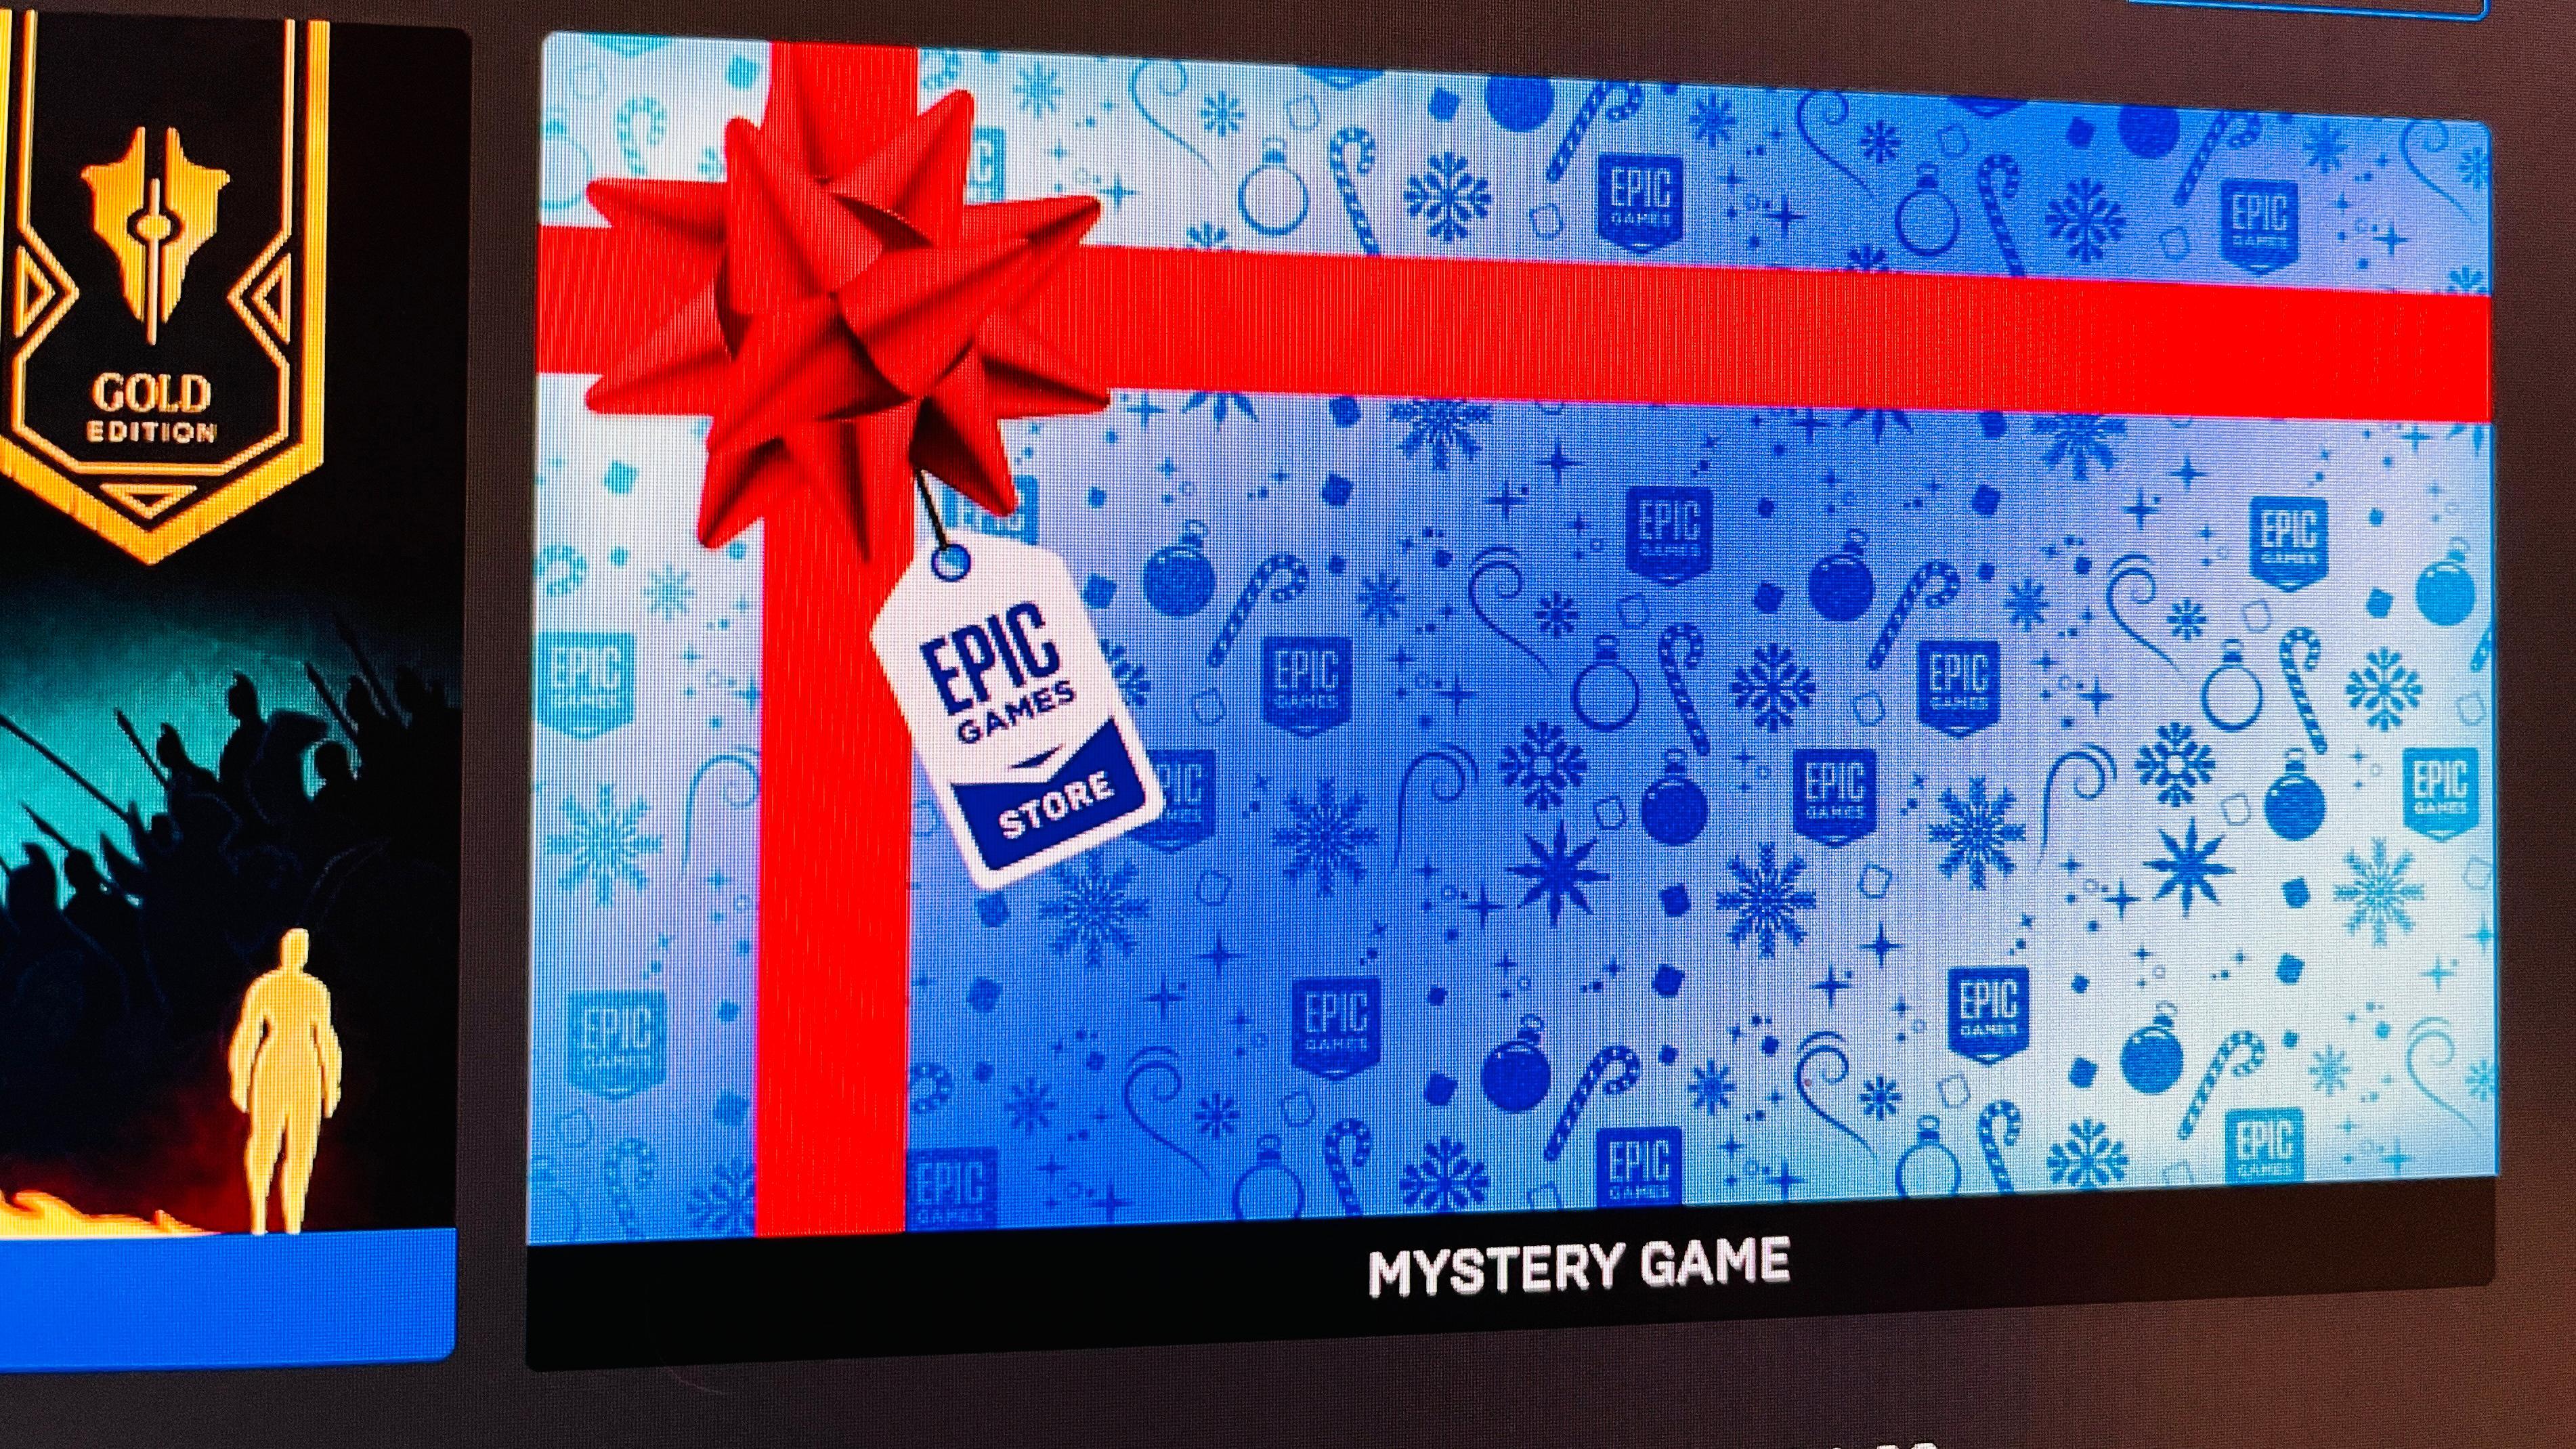 Epic-butikken feirer jul med 15 gratis spill